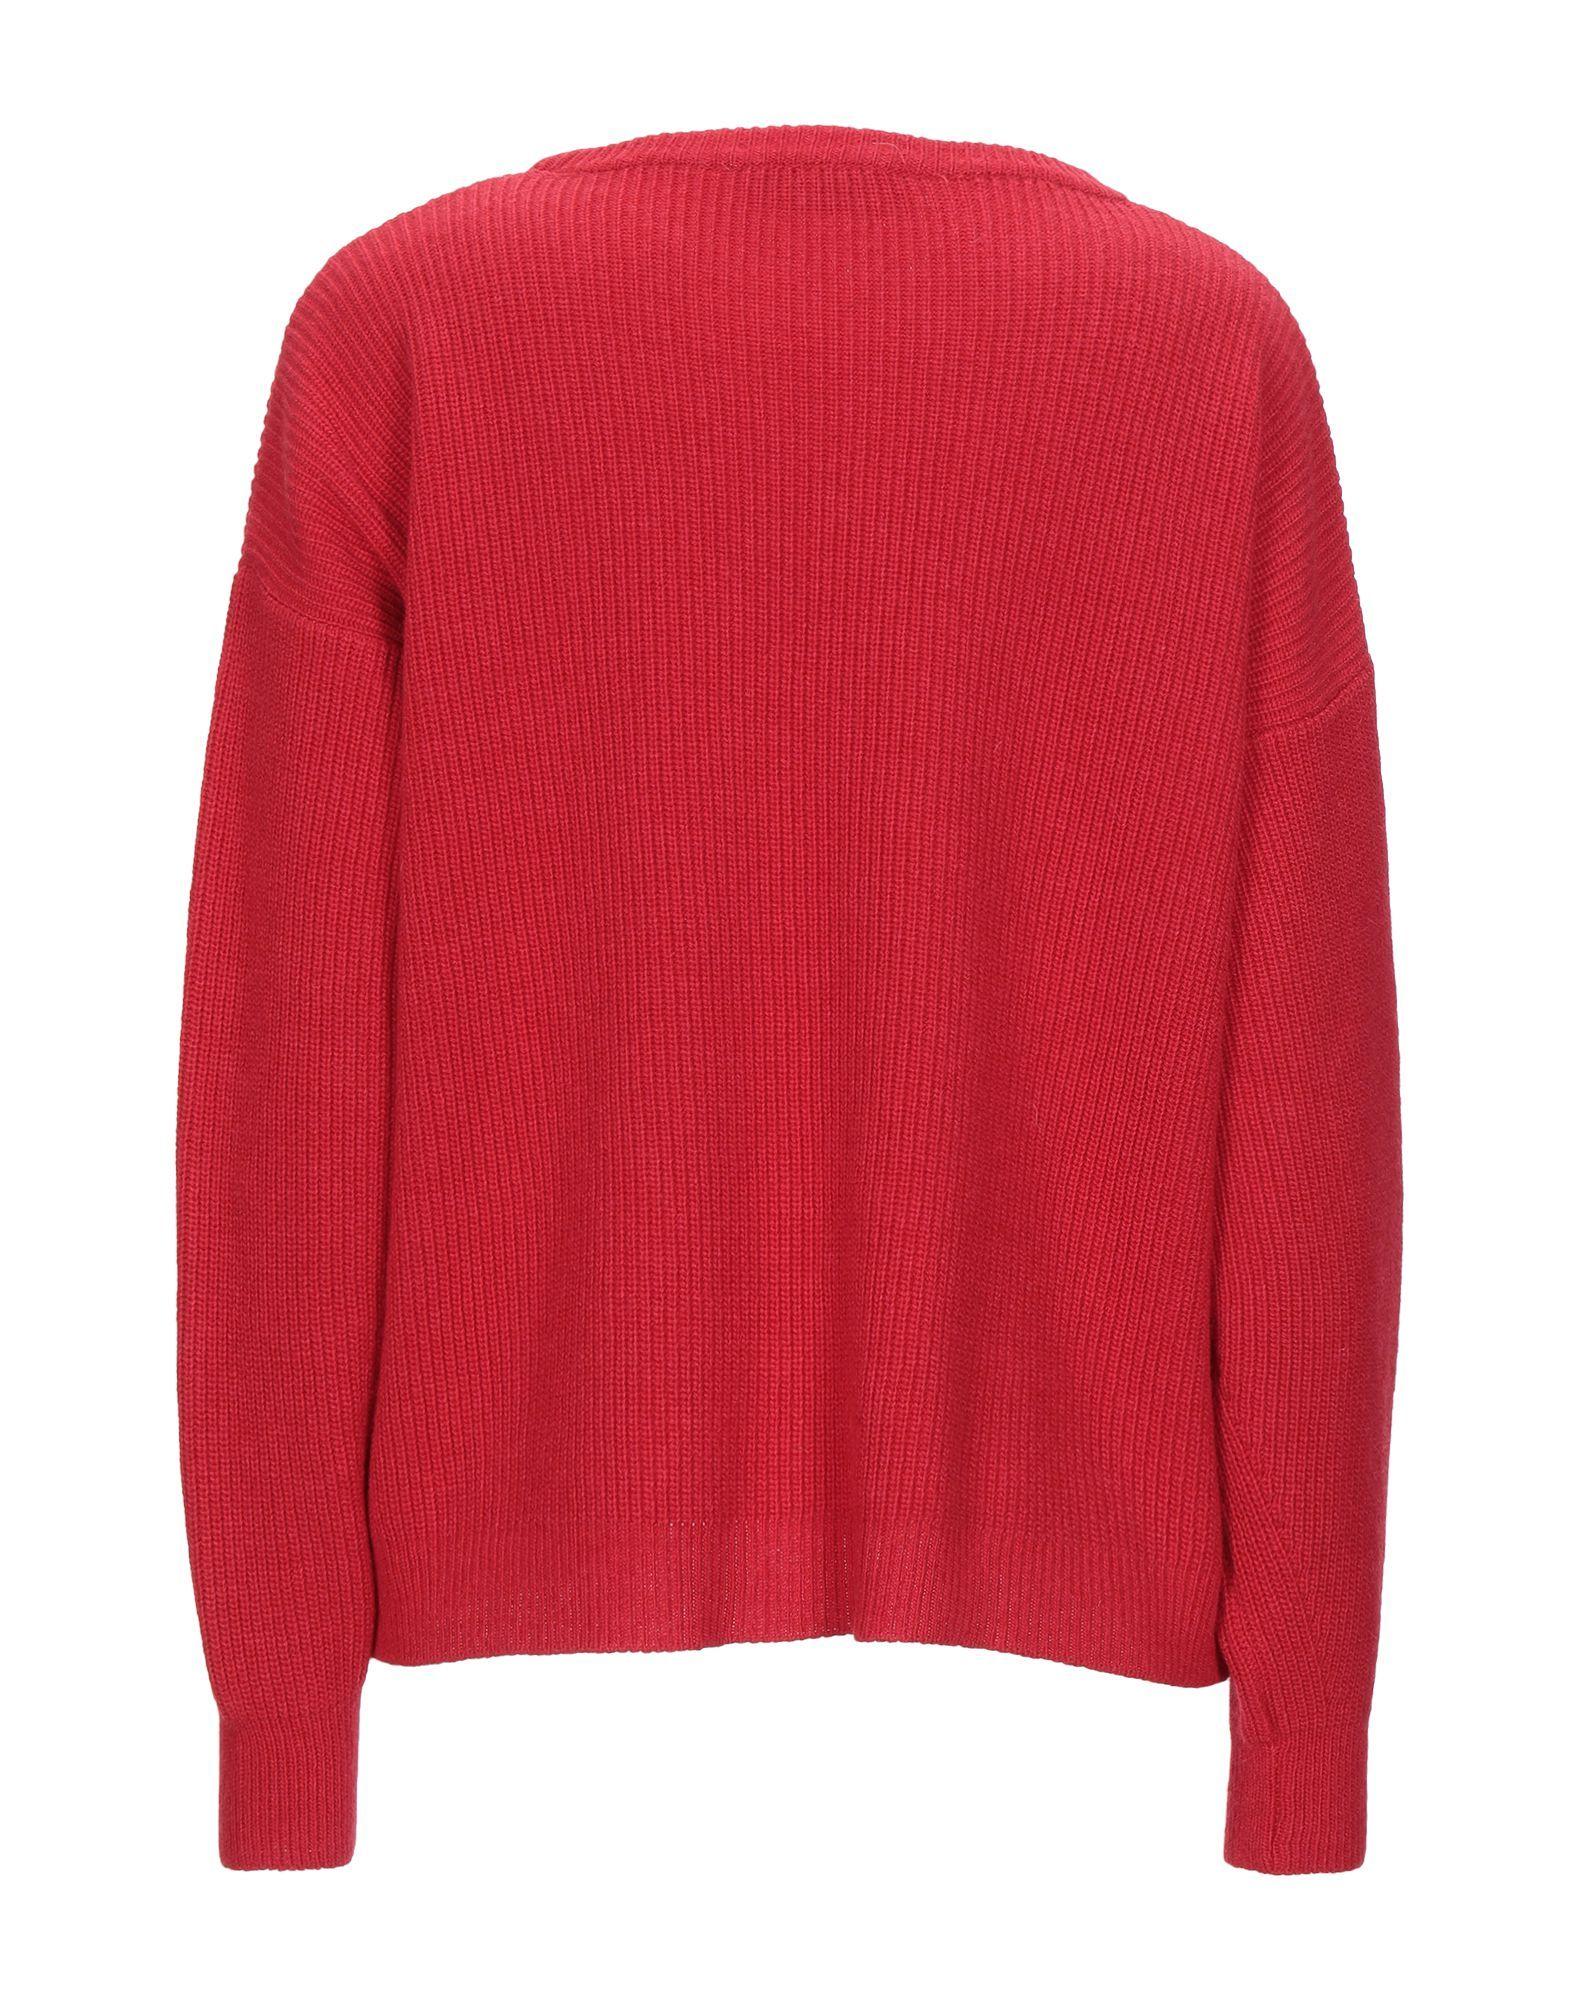 Kaos Red Lightweight Knit Jumper